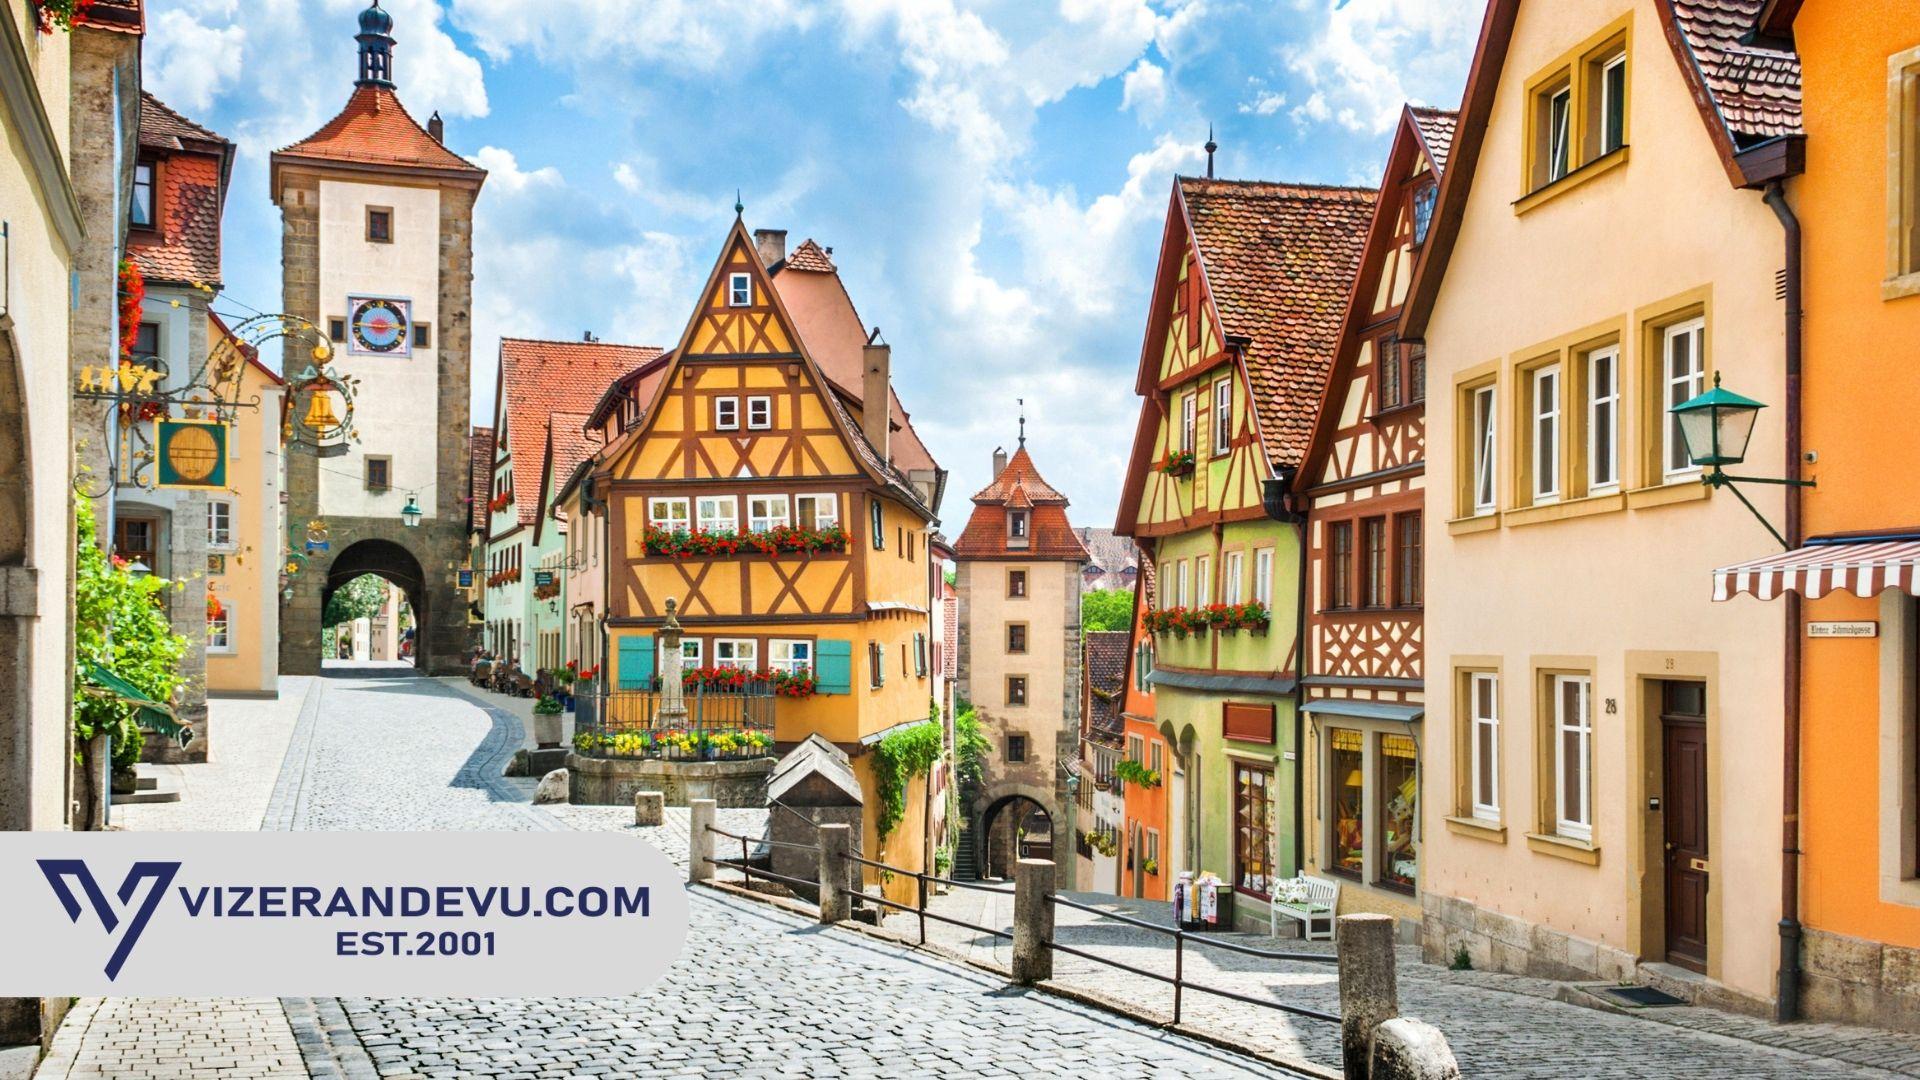 Almanya Vizesi - Covid 19